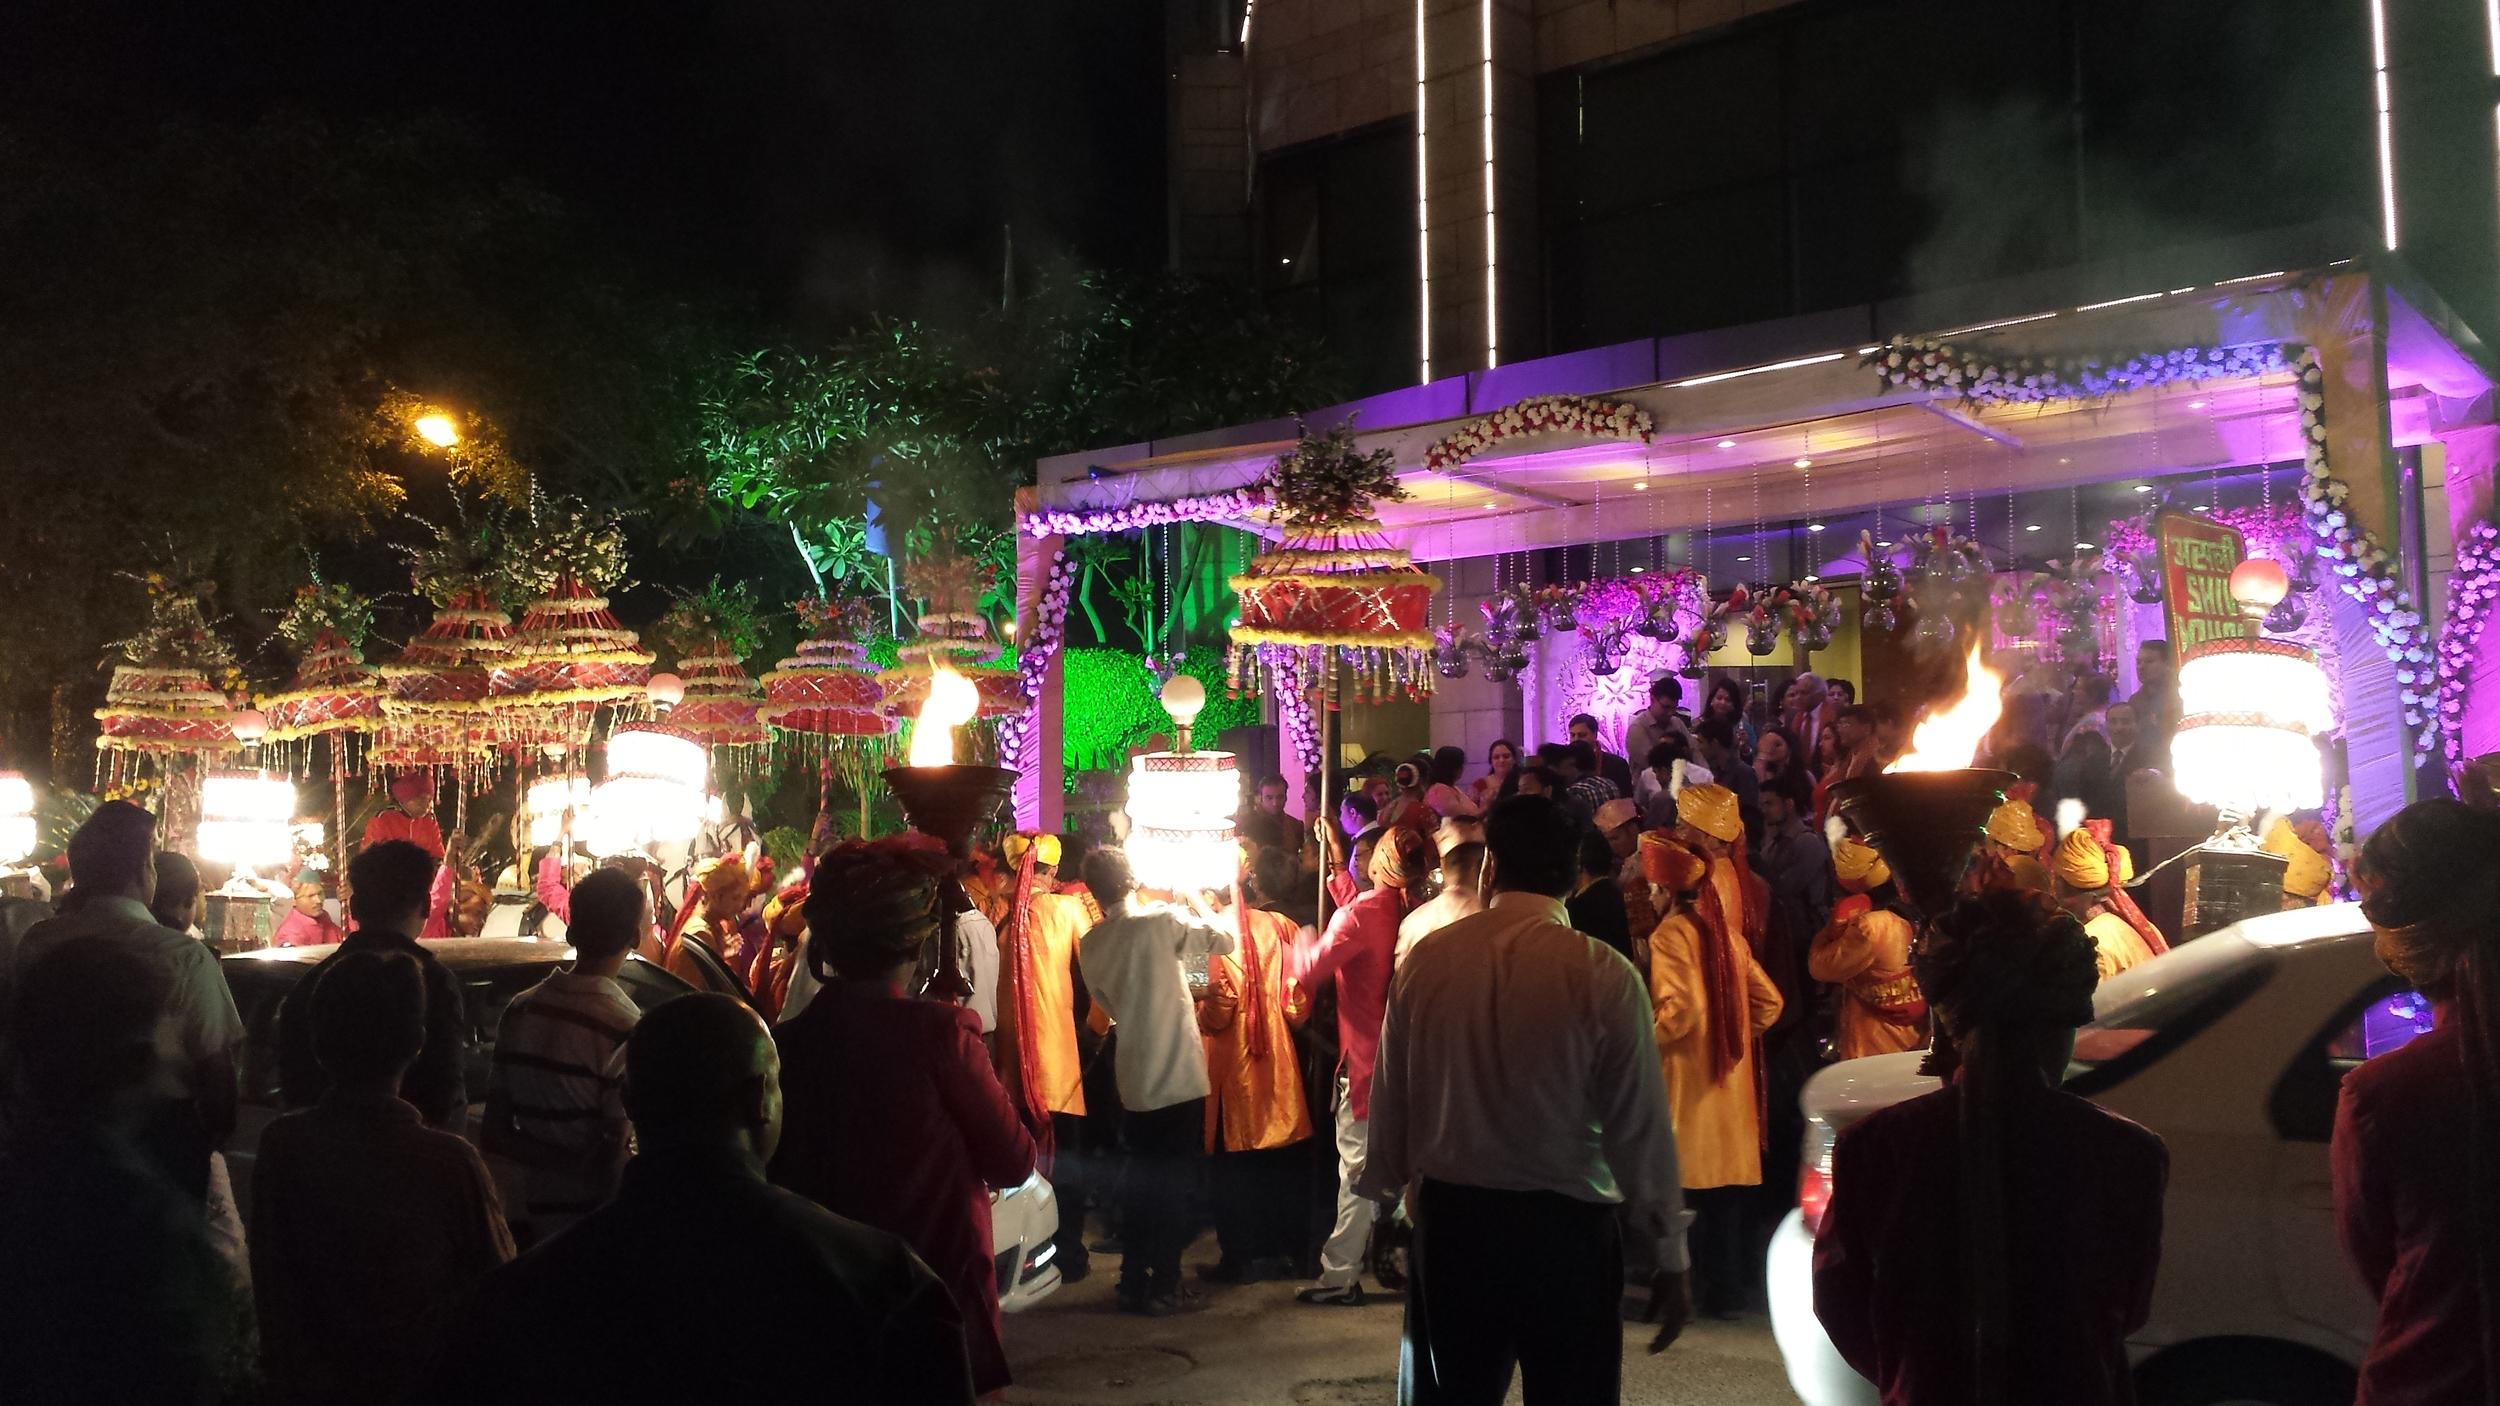 A wedding celebration in Delhi